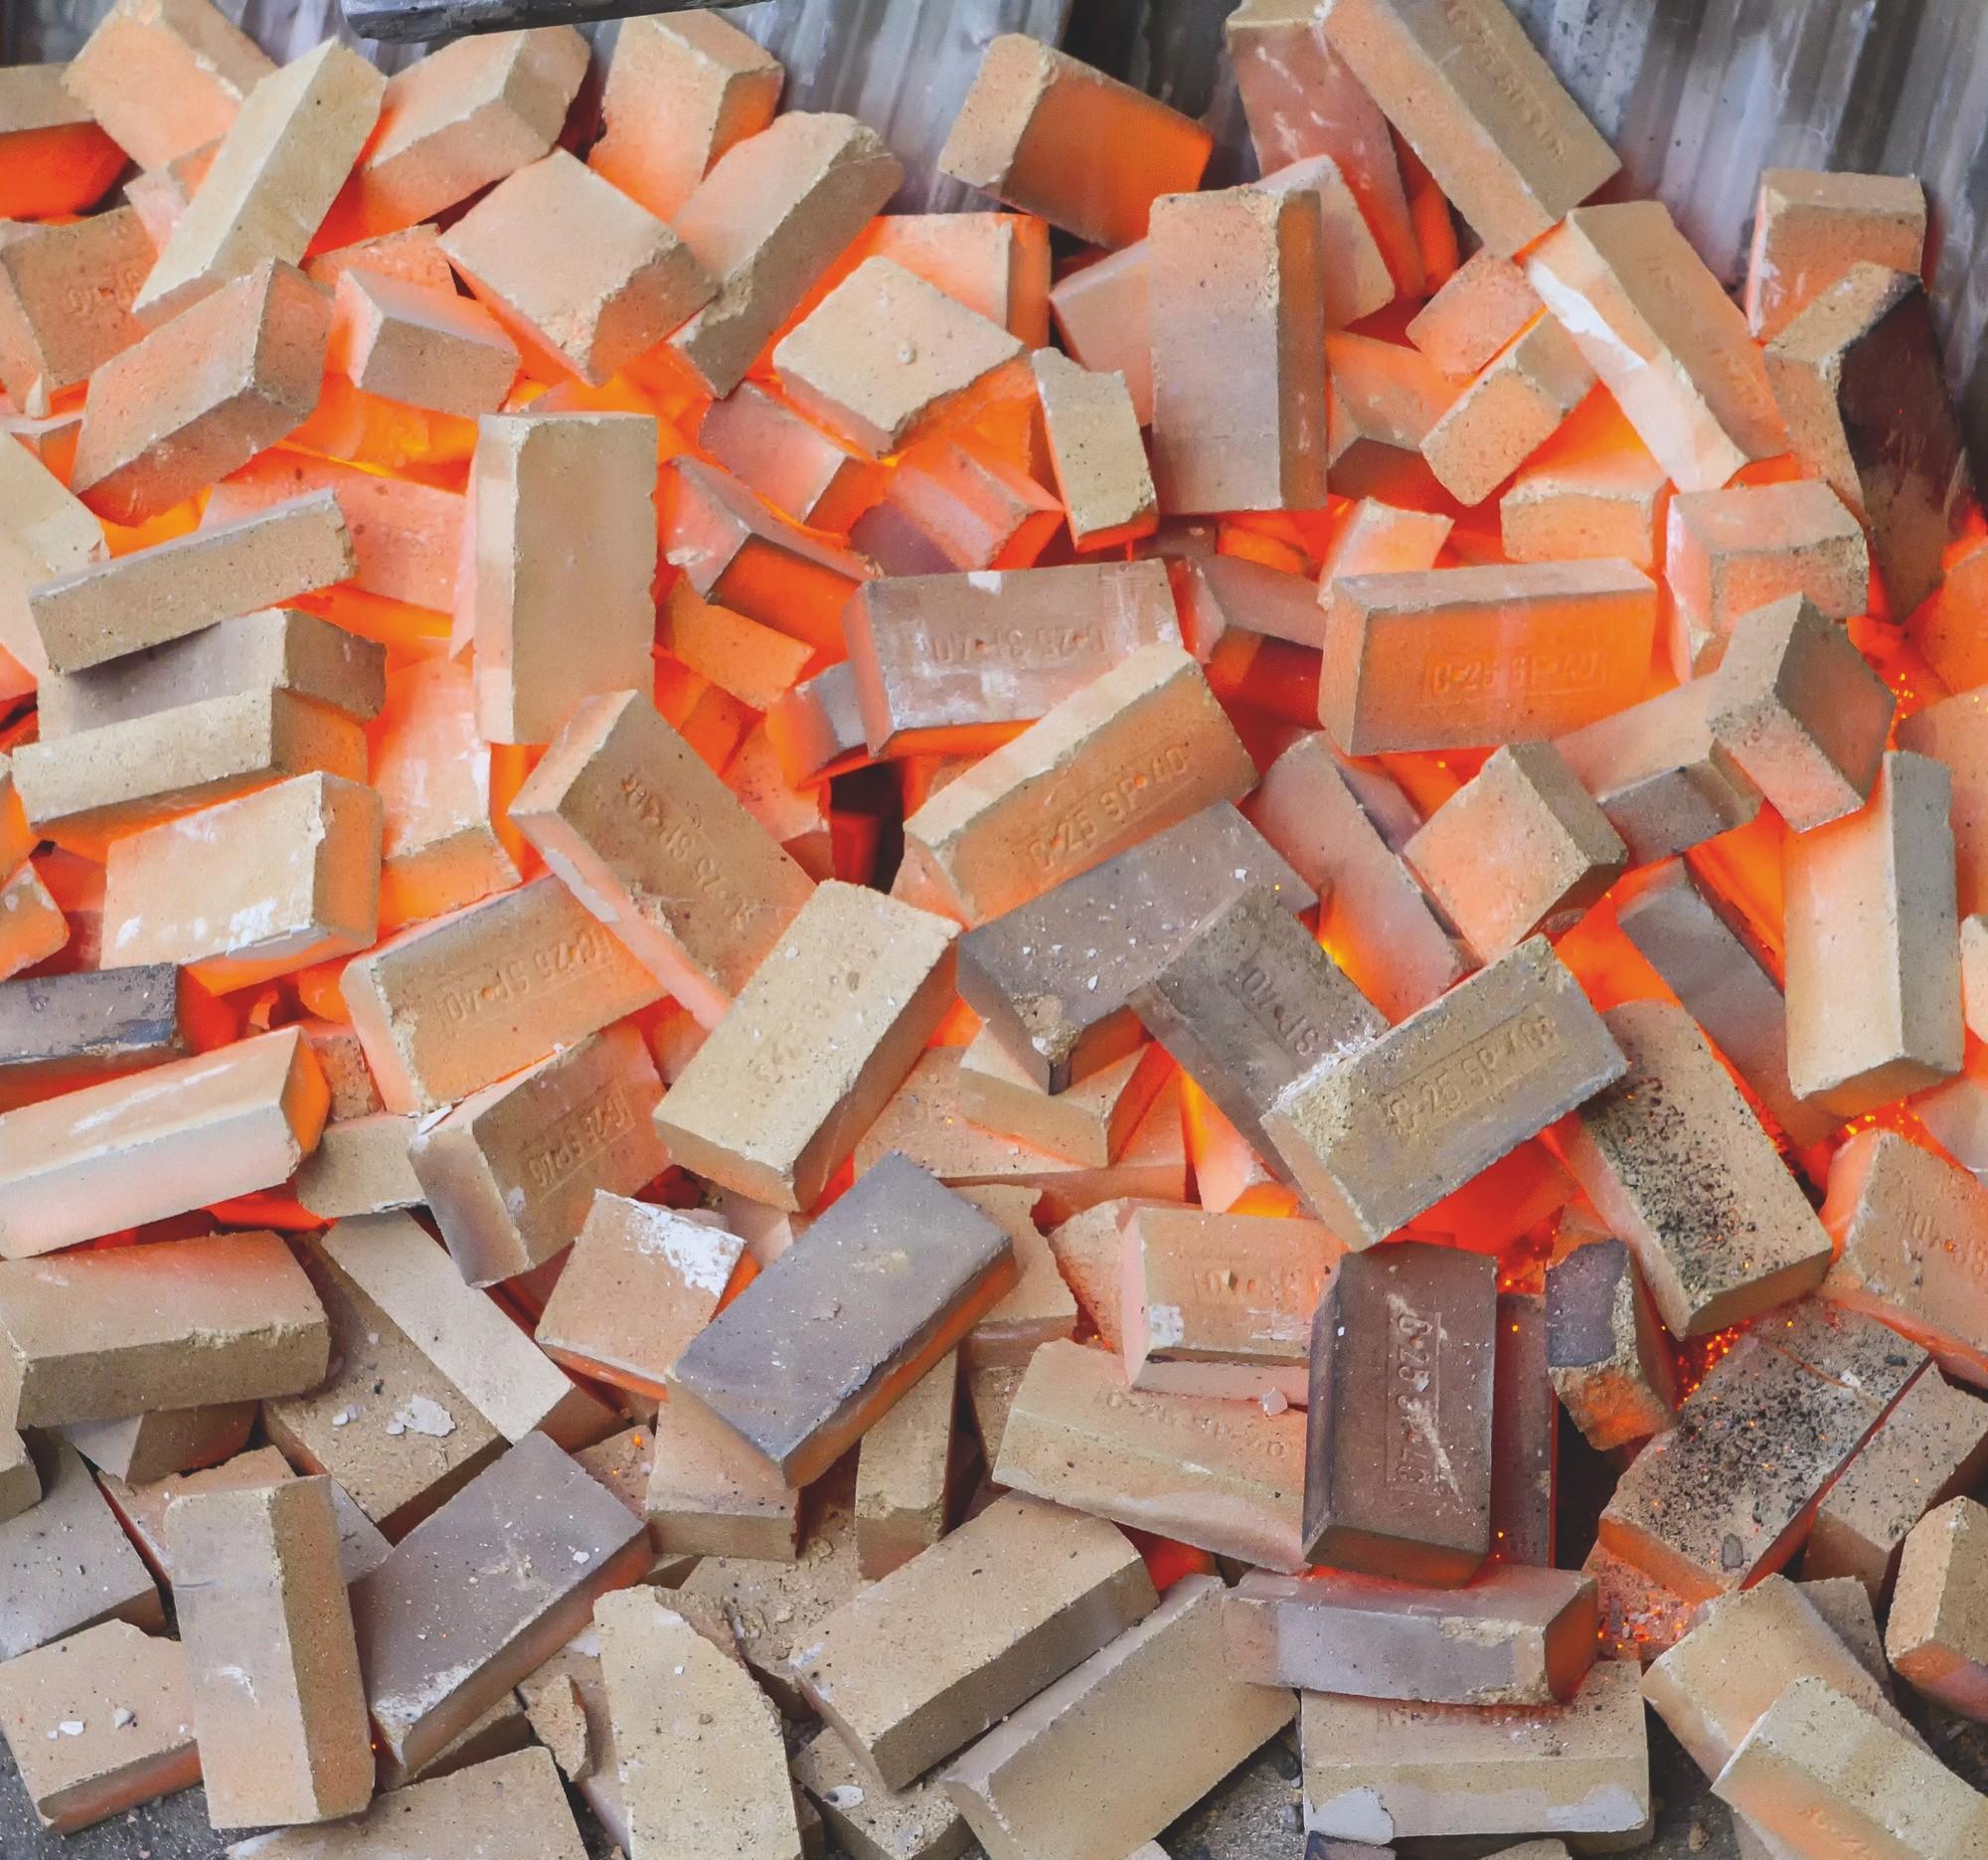 Briques réfractaires à base de périclase